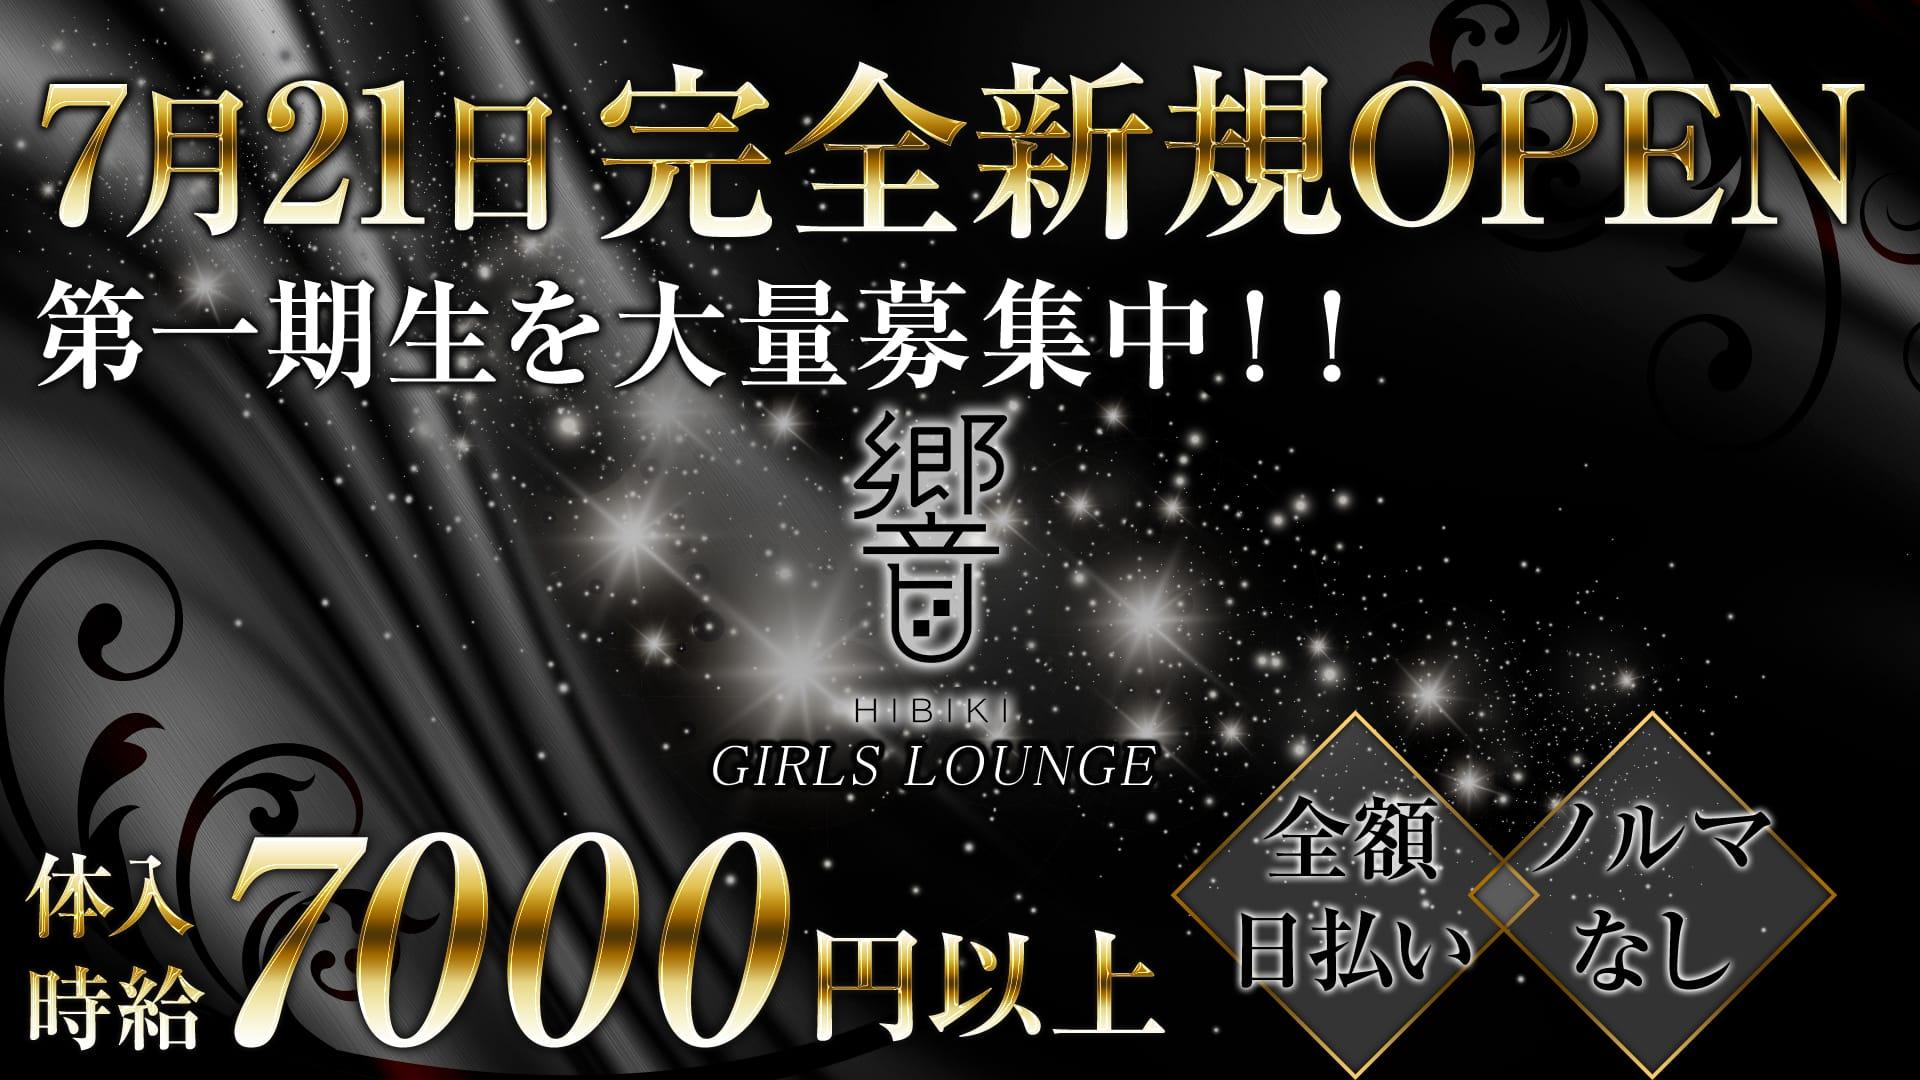 GIRLS LOUNGE 響(ひびき) 錦糸町ガールズラウンジ TOP画像